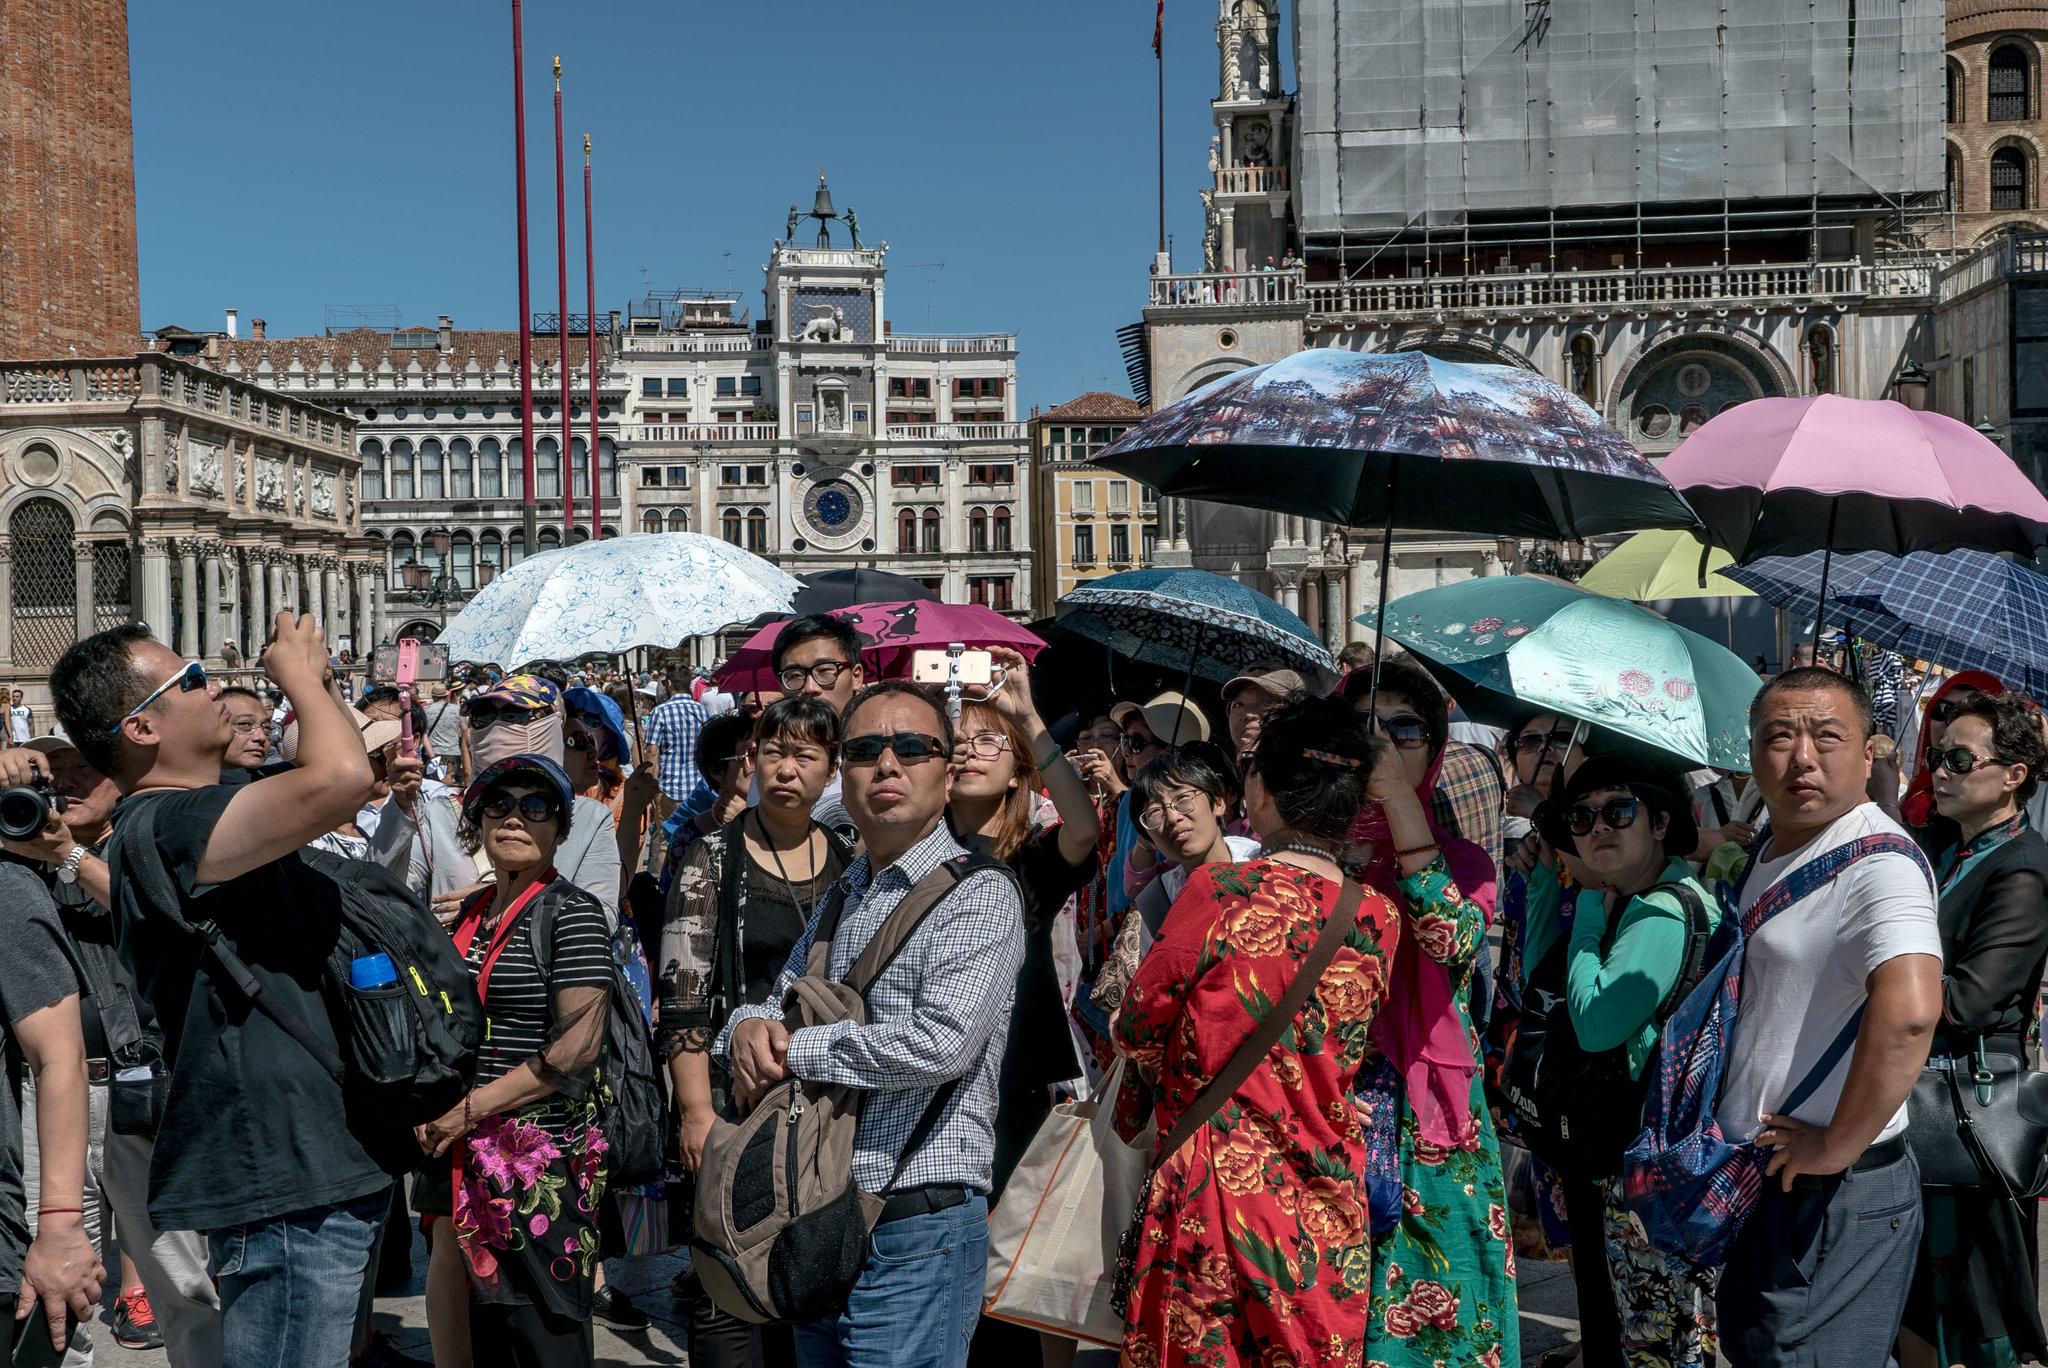 Venice: Thành phố tình yêu bị bức tử bởi… tình yêu - Ảnh 2.